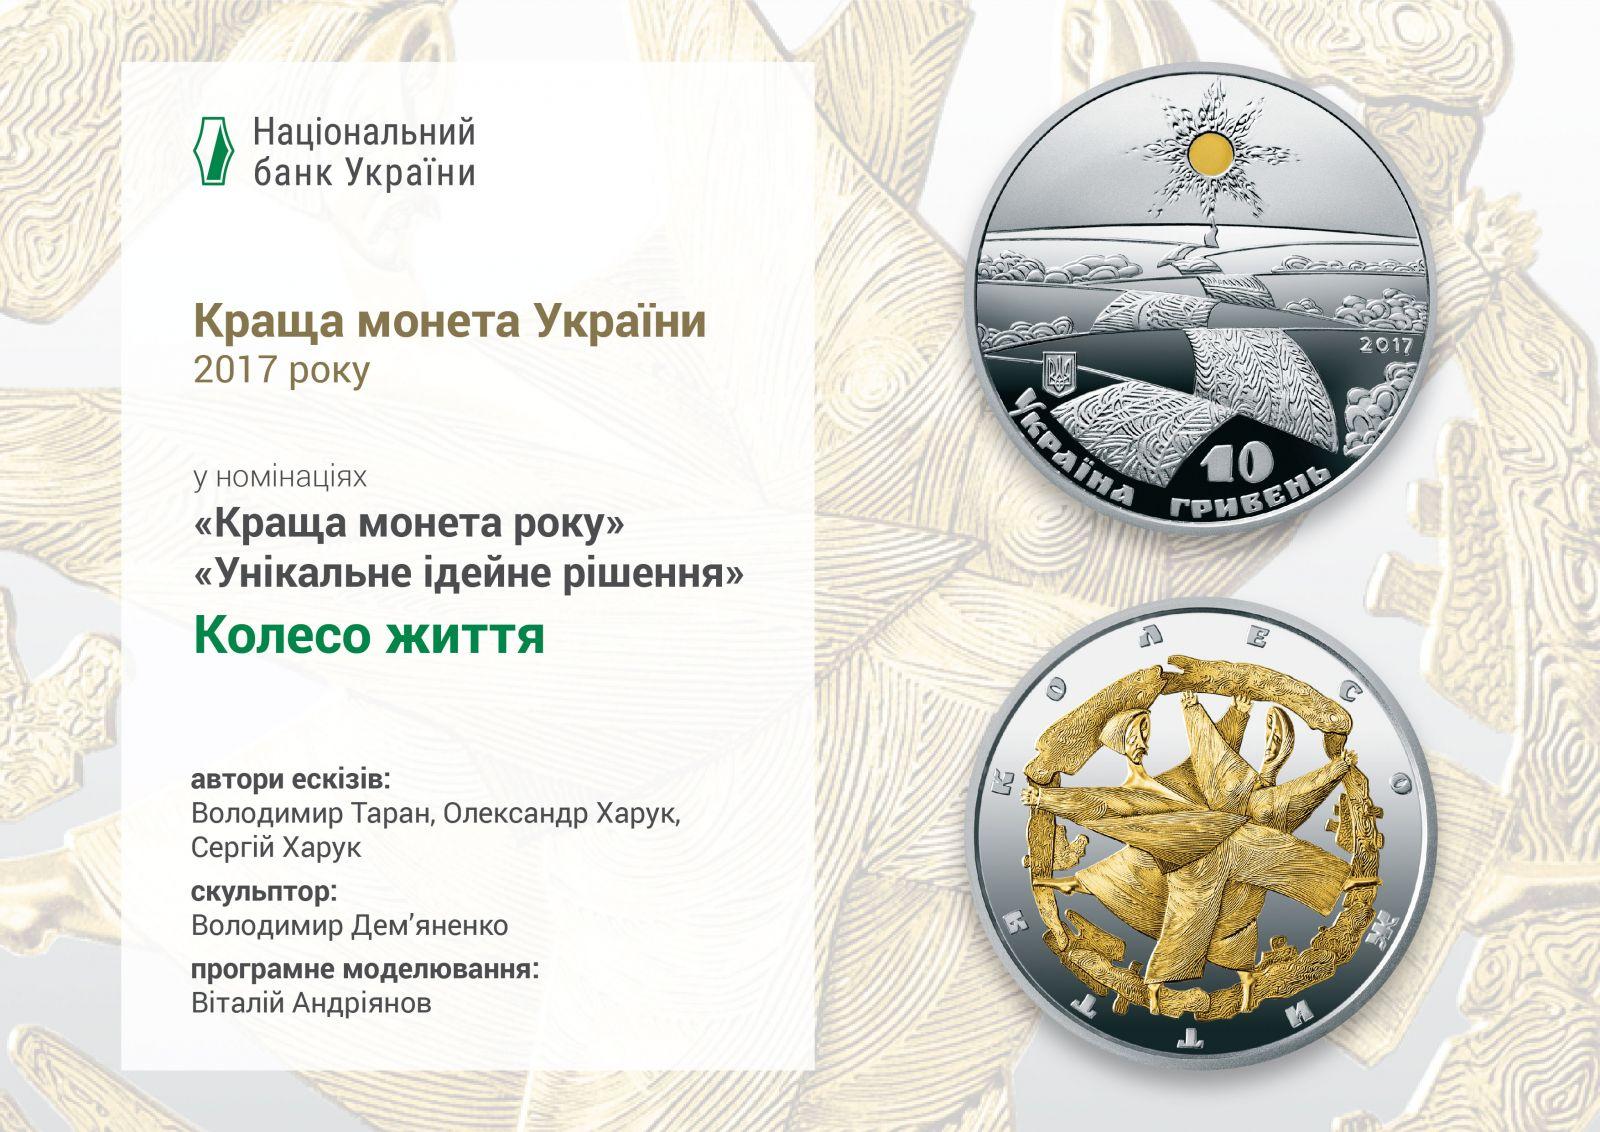 Лучшая монета 2017 года в Украине стала монета 10 гривен «Колесо жизни»